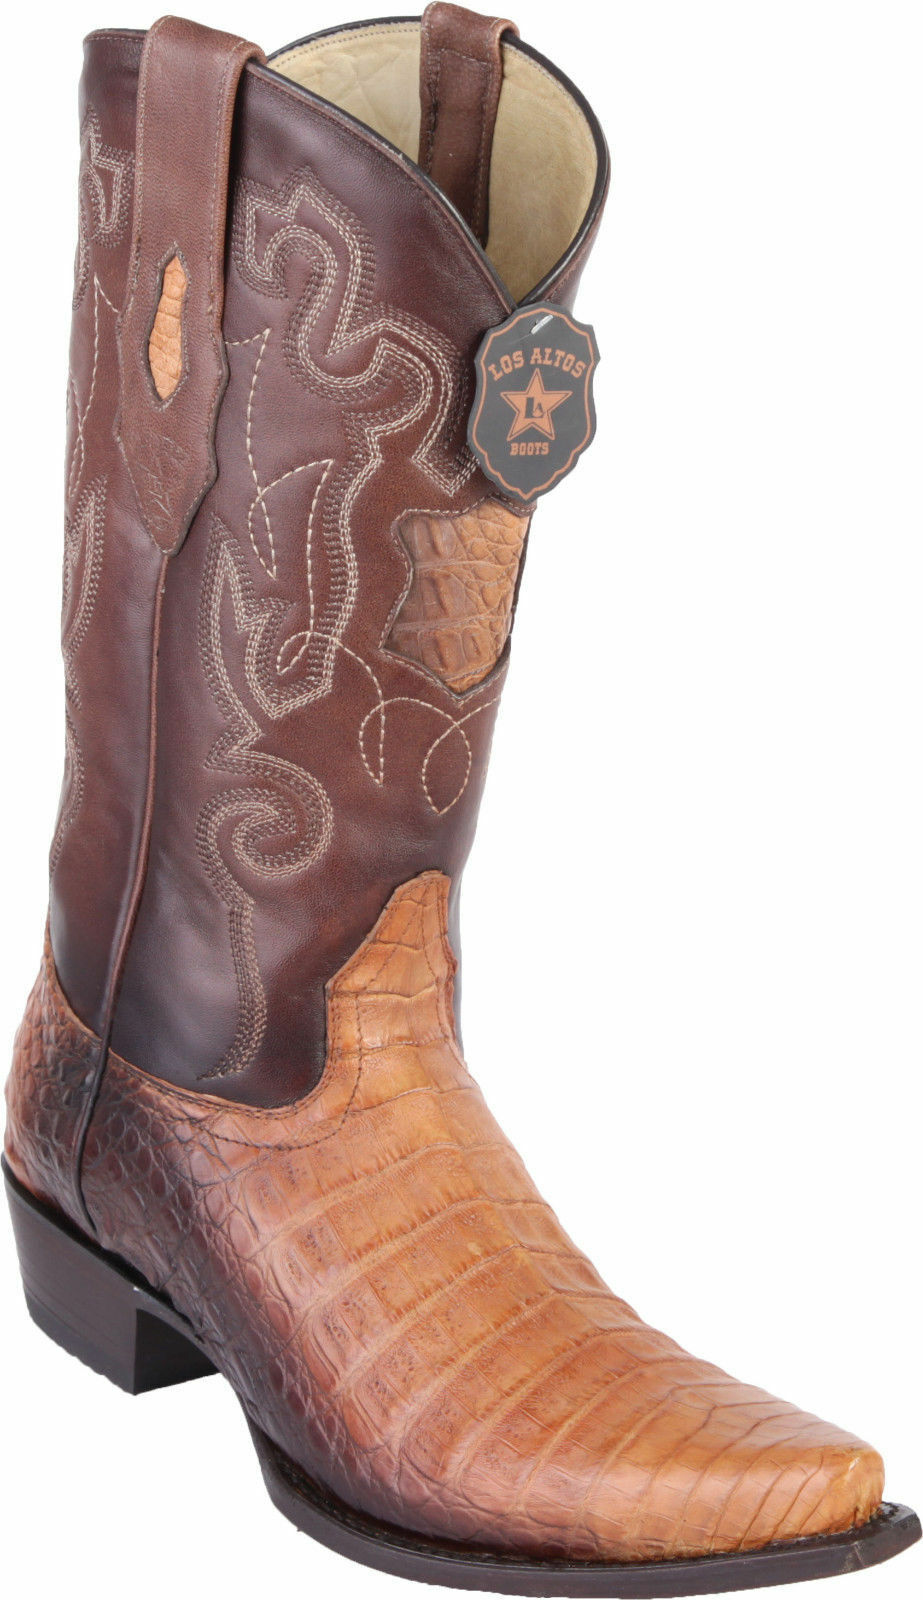 8cedf7c9deb4 Los Altos Genuine ORYX CROCODILE CAIMAN Belly Snip Toe Western Western  Western Cowboy Boot EE+ 8f7127